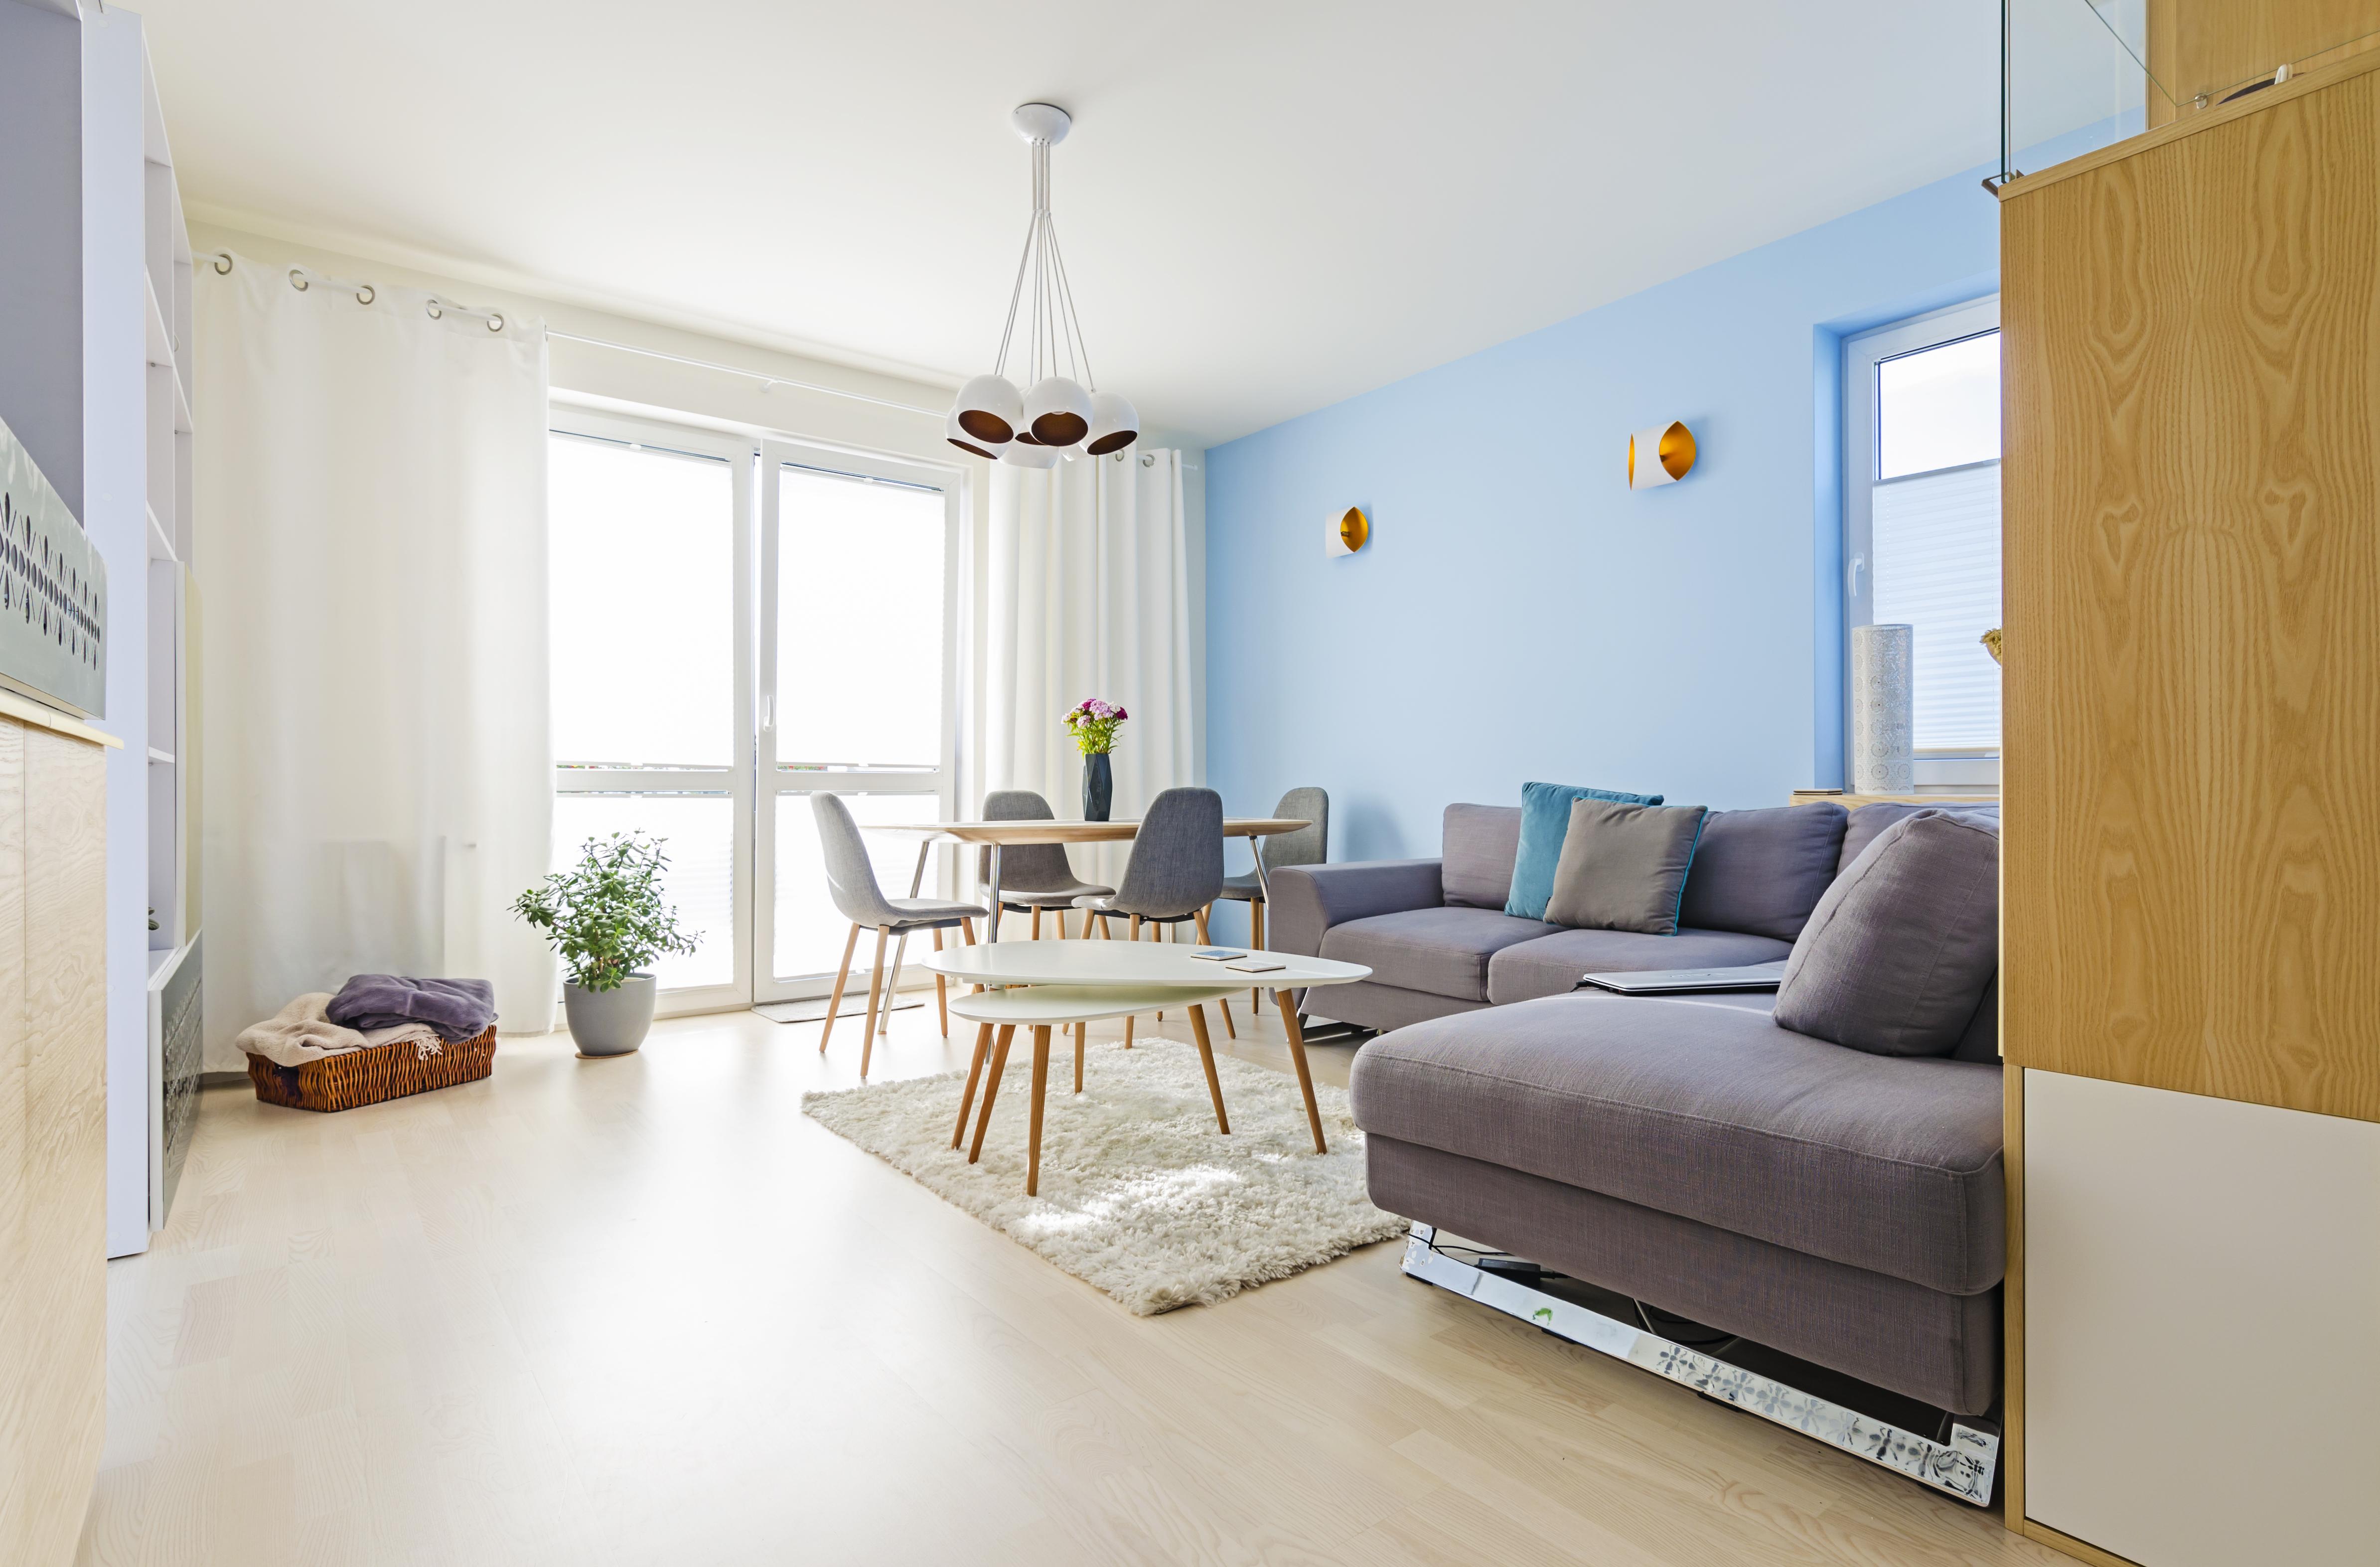 pokój dzienny, złoto i srebro, portfolio, laurowa, mieszkanie, projektowanie wnętrz